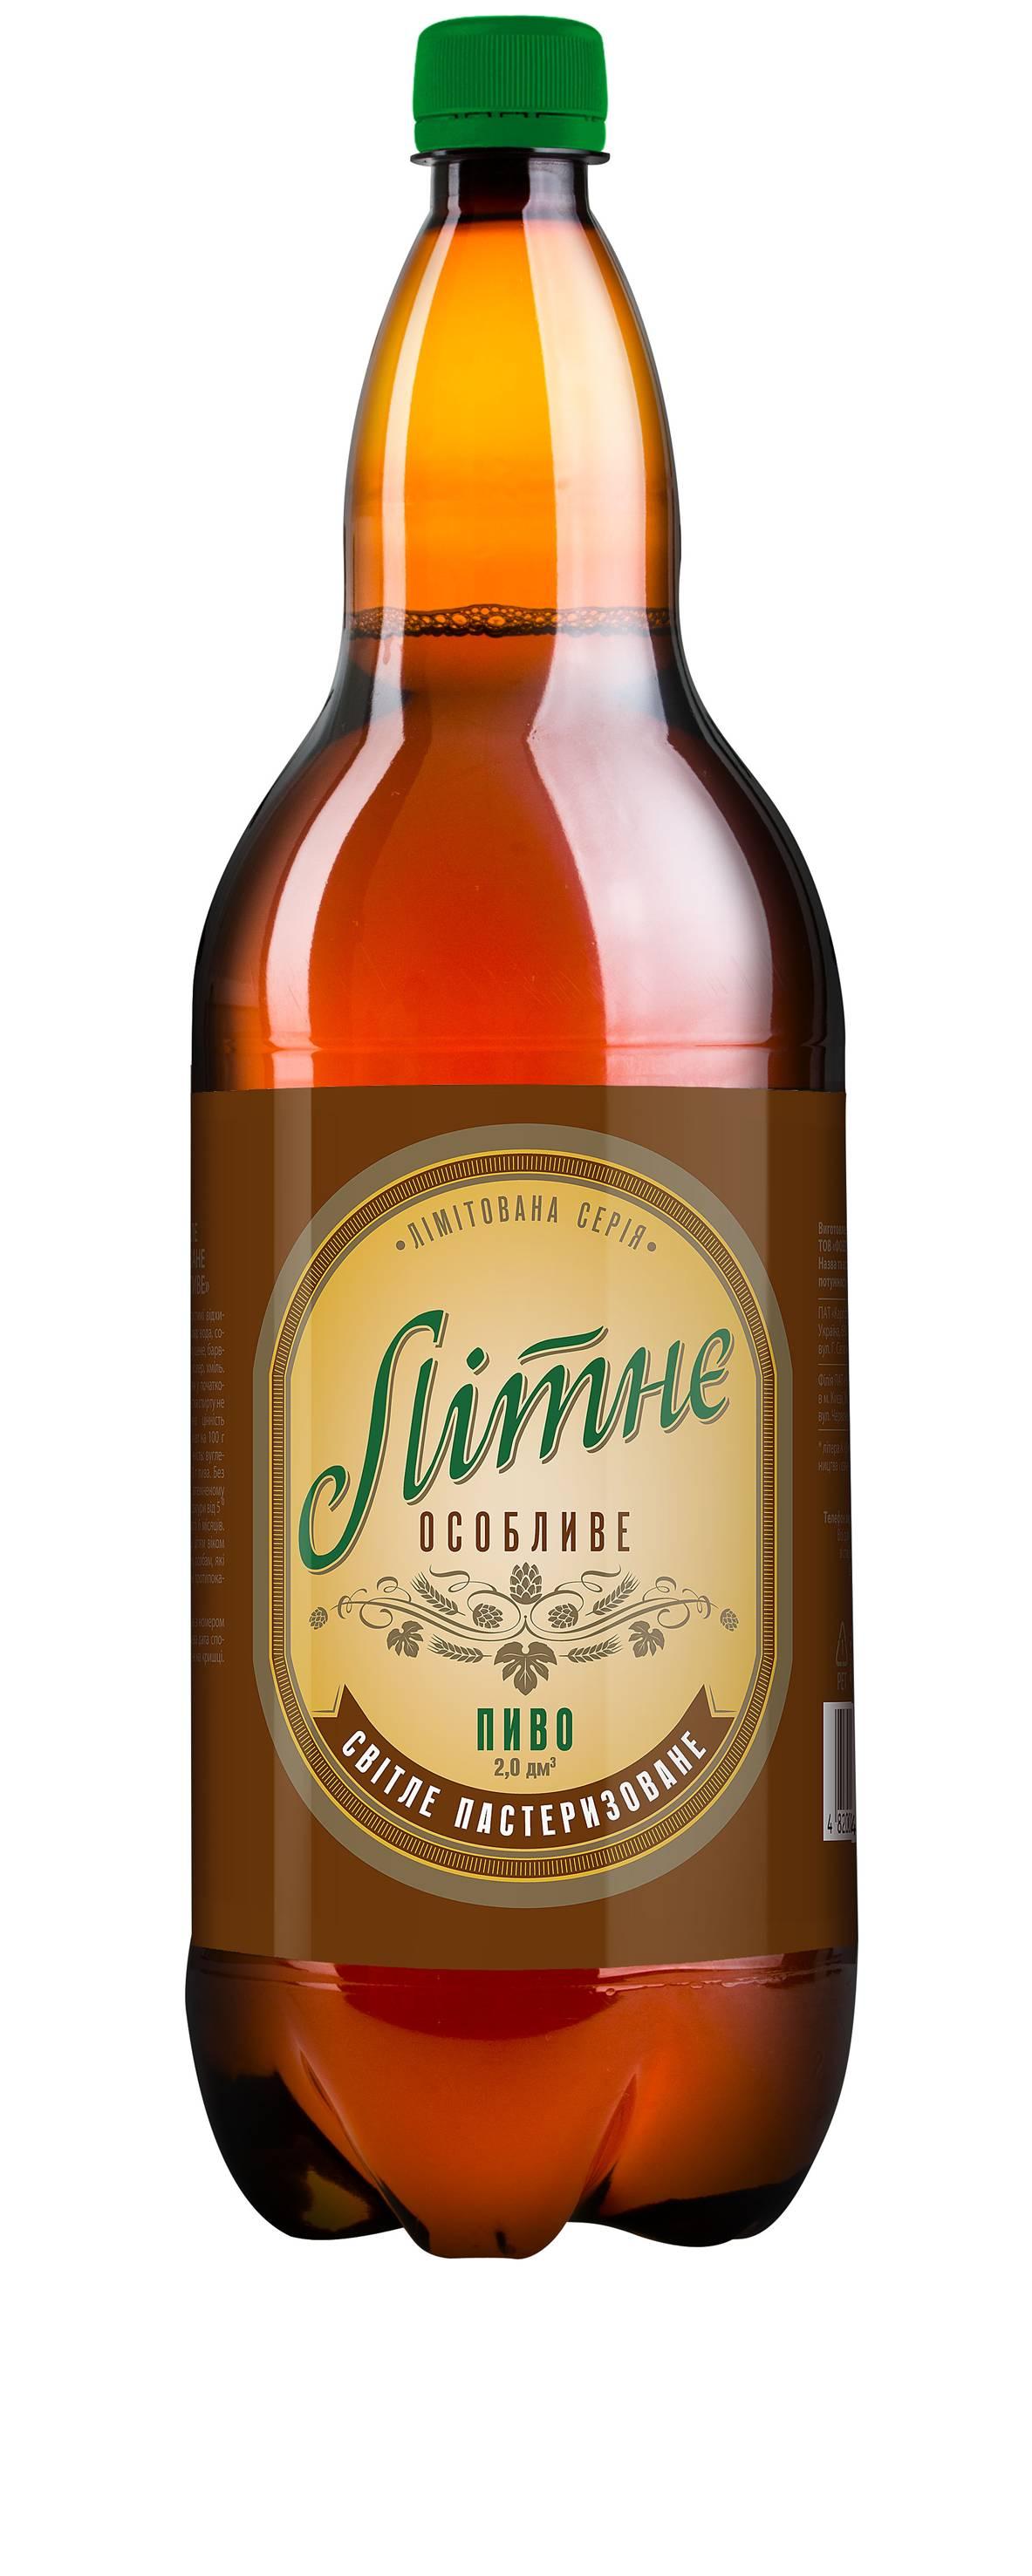 Фото: «Летнее особенное» — лимитированная серия пива для сети супермаркетов «Сильпо».